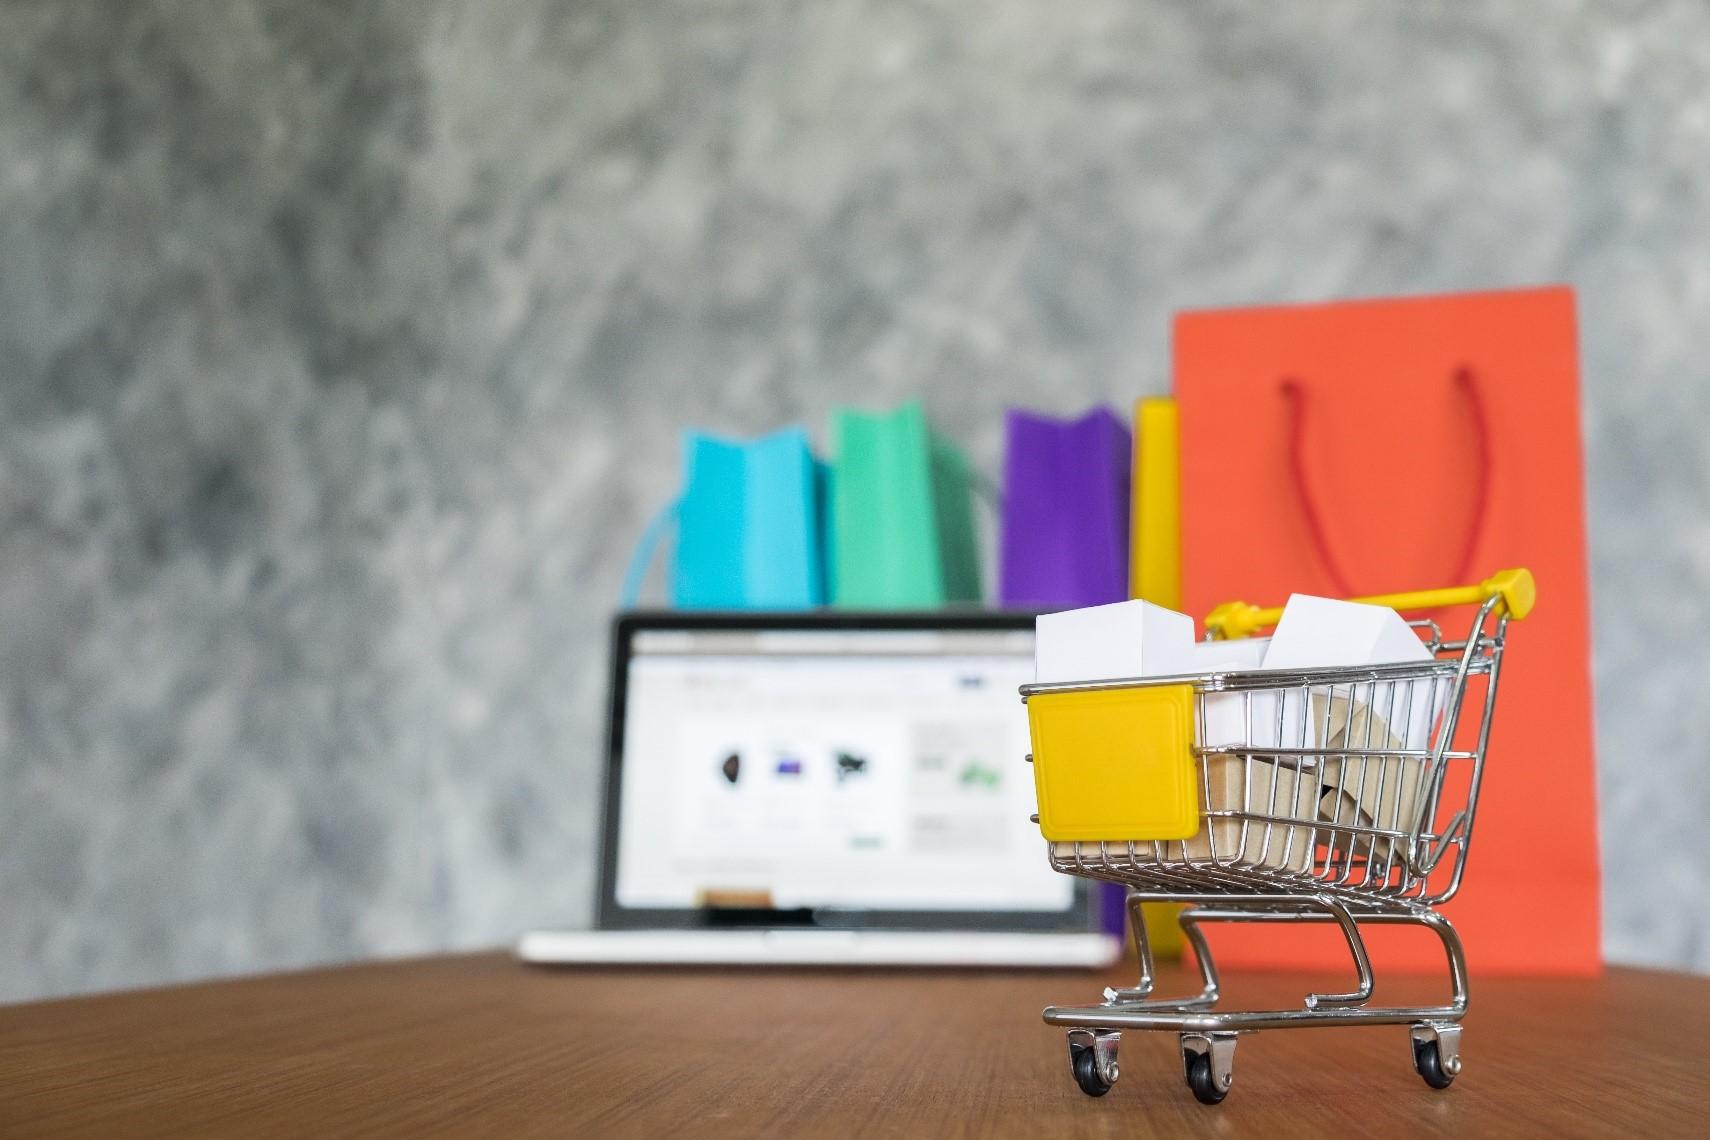 رونمایی از اَبَر پروژه آنلاین سازی فروشگاه های شهری شهرستان تهران توسط گروه آموزشی-تبلیغاتی هانوتا